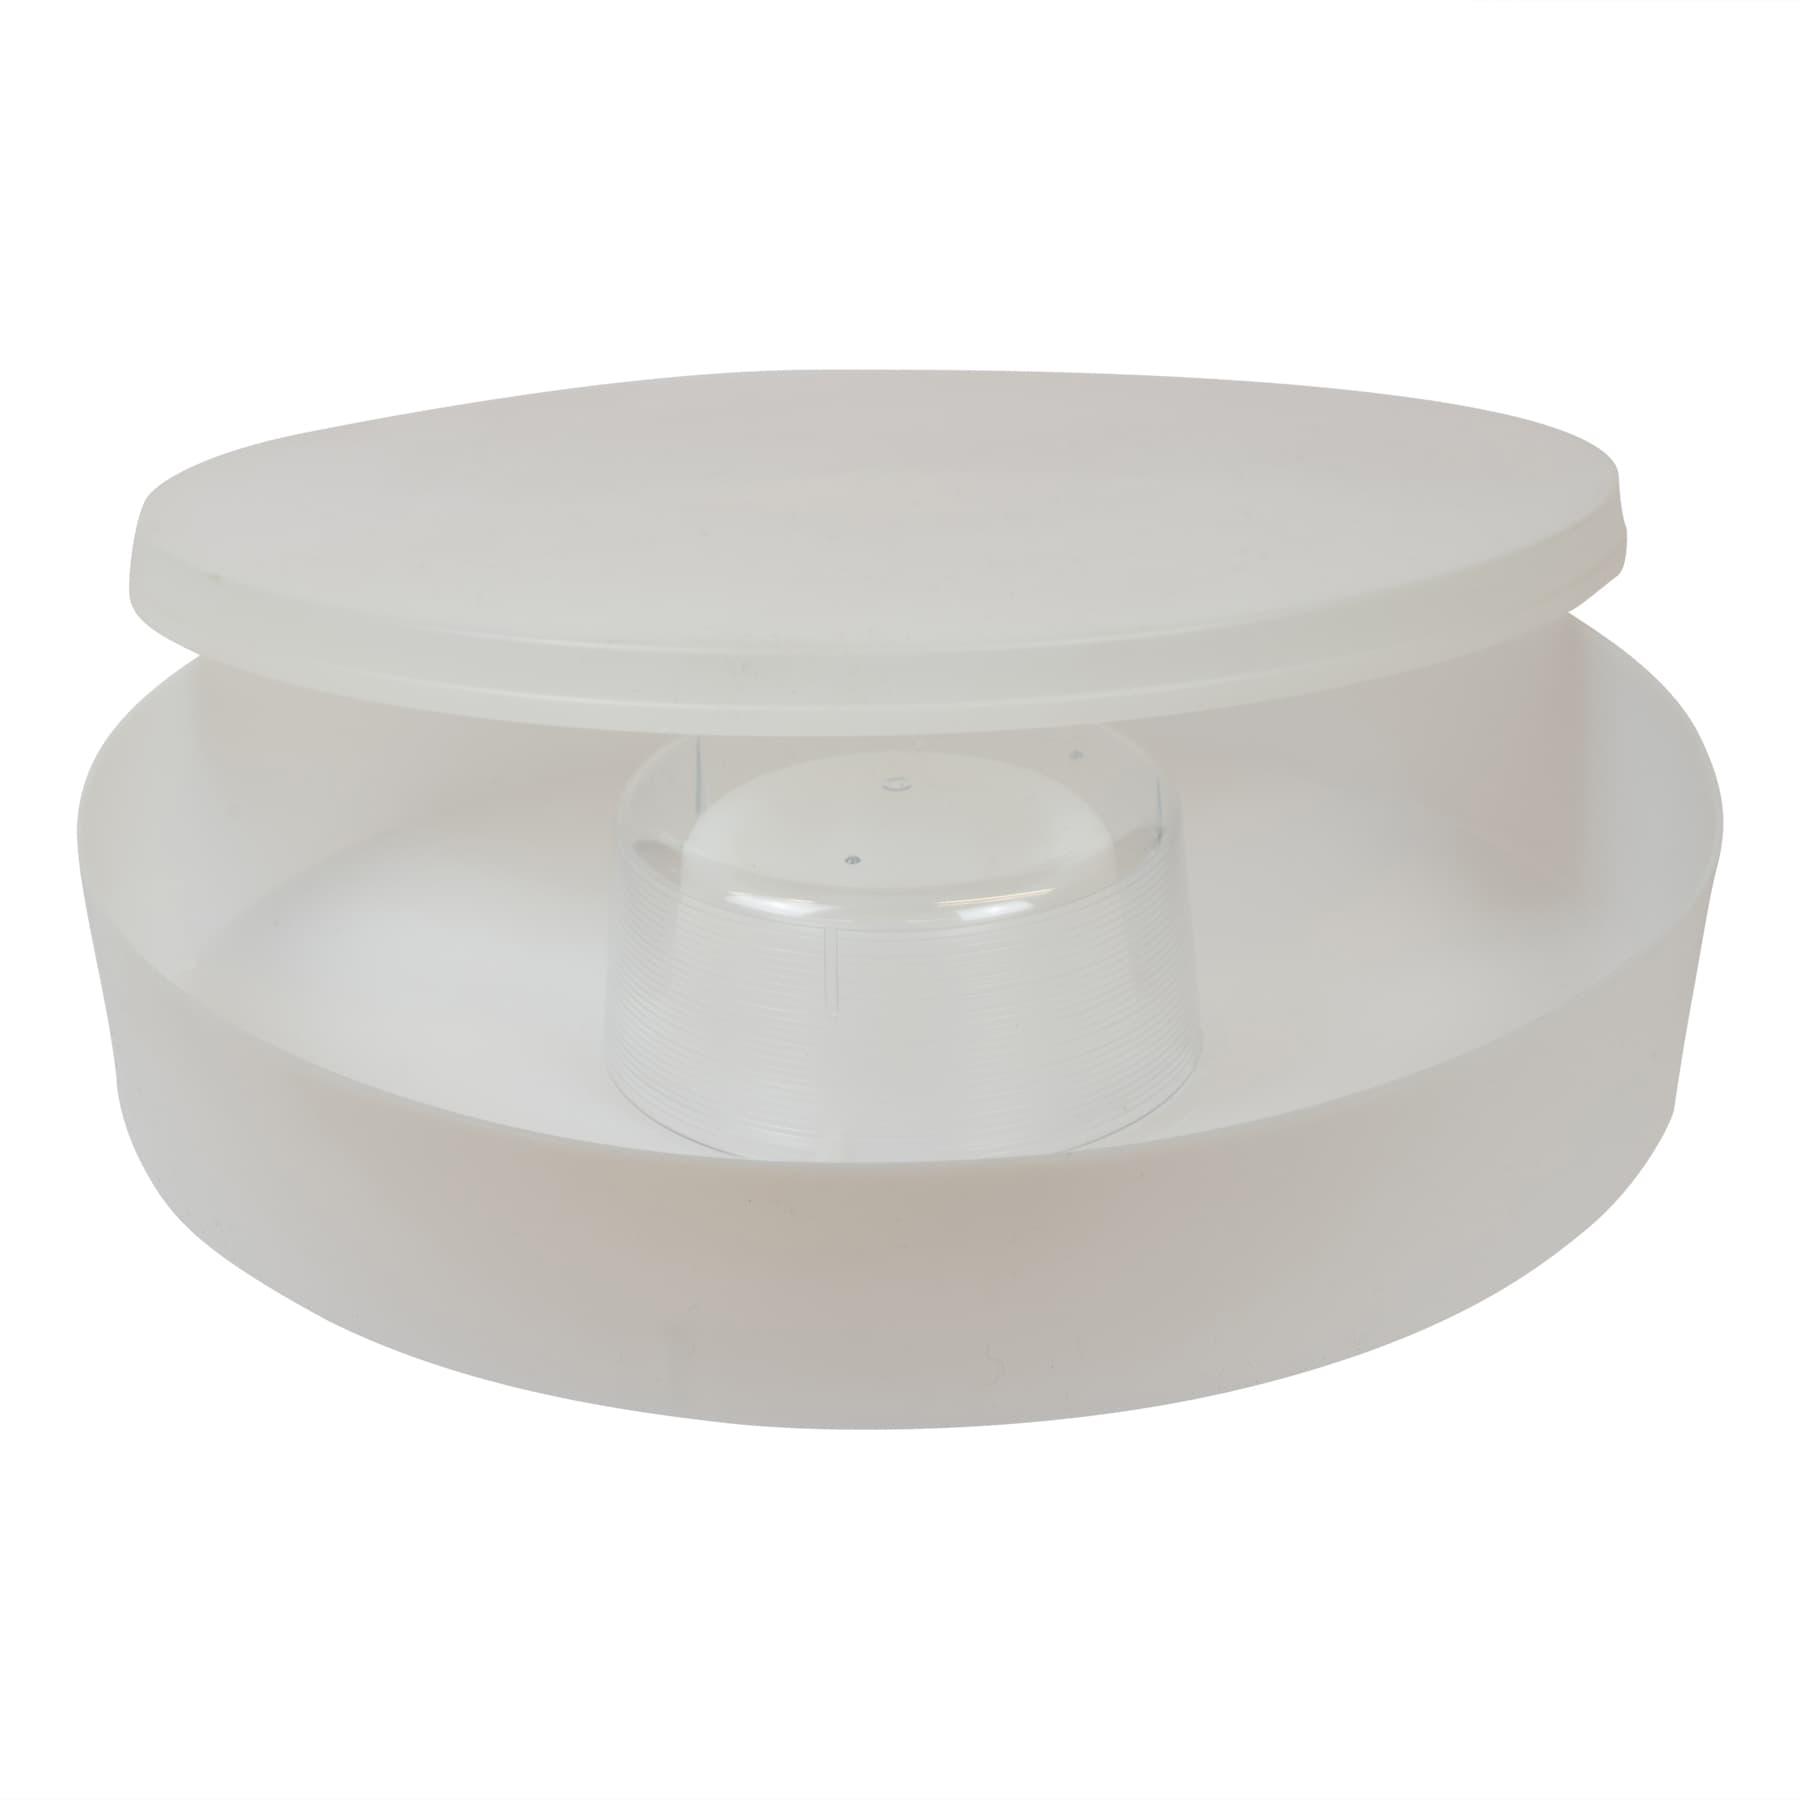 Futtertrog 2 Liter rund aus Hartplastik, 55 mm hoch